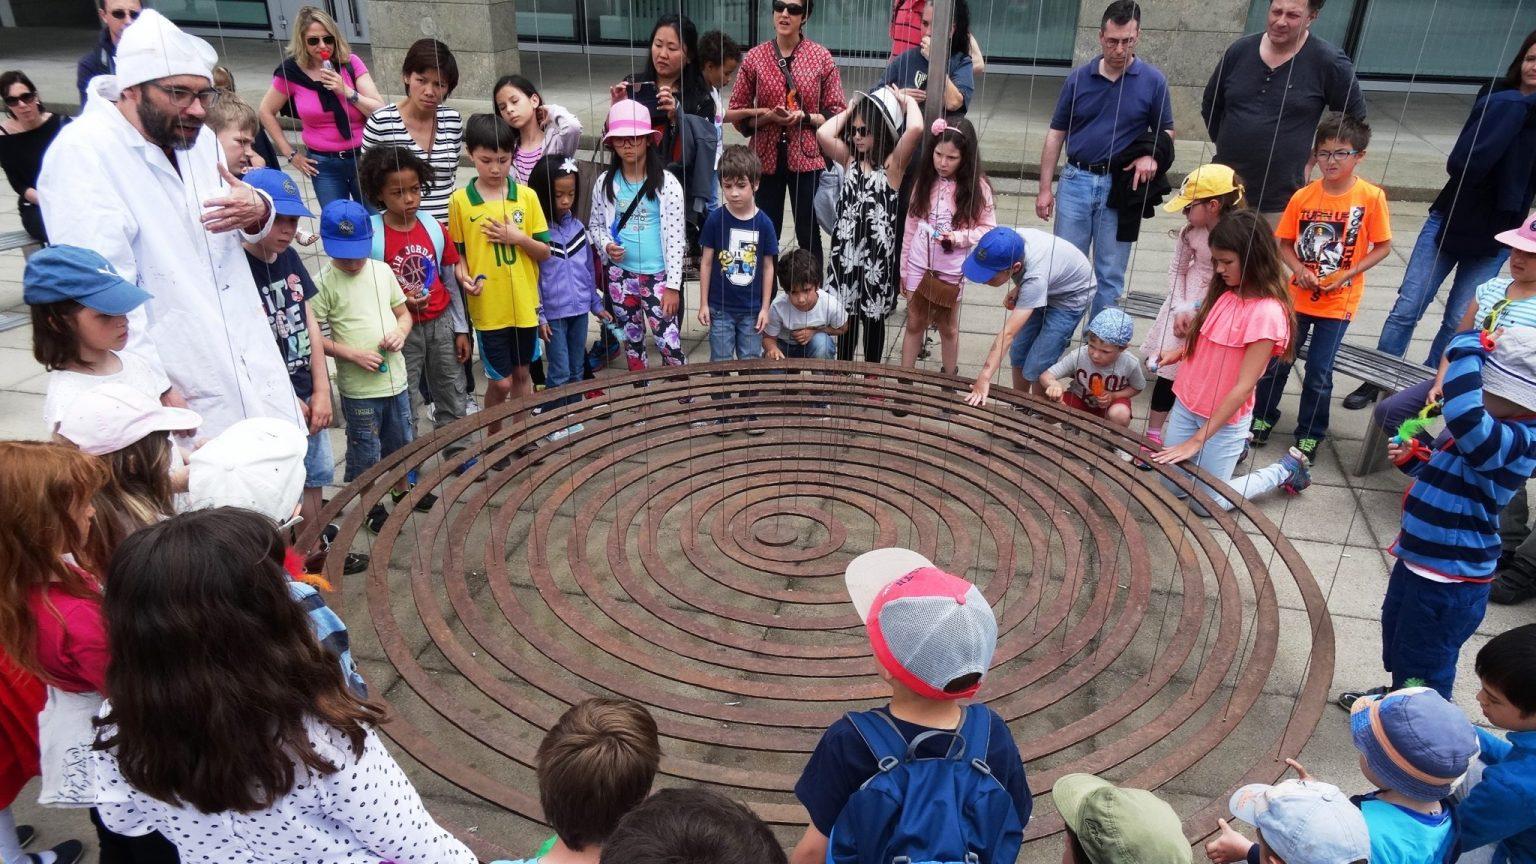 Des enfants autour d'une sculpture lors d'une promenade scientifique